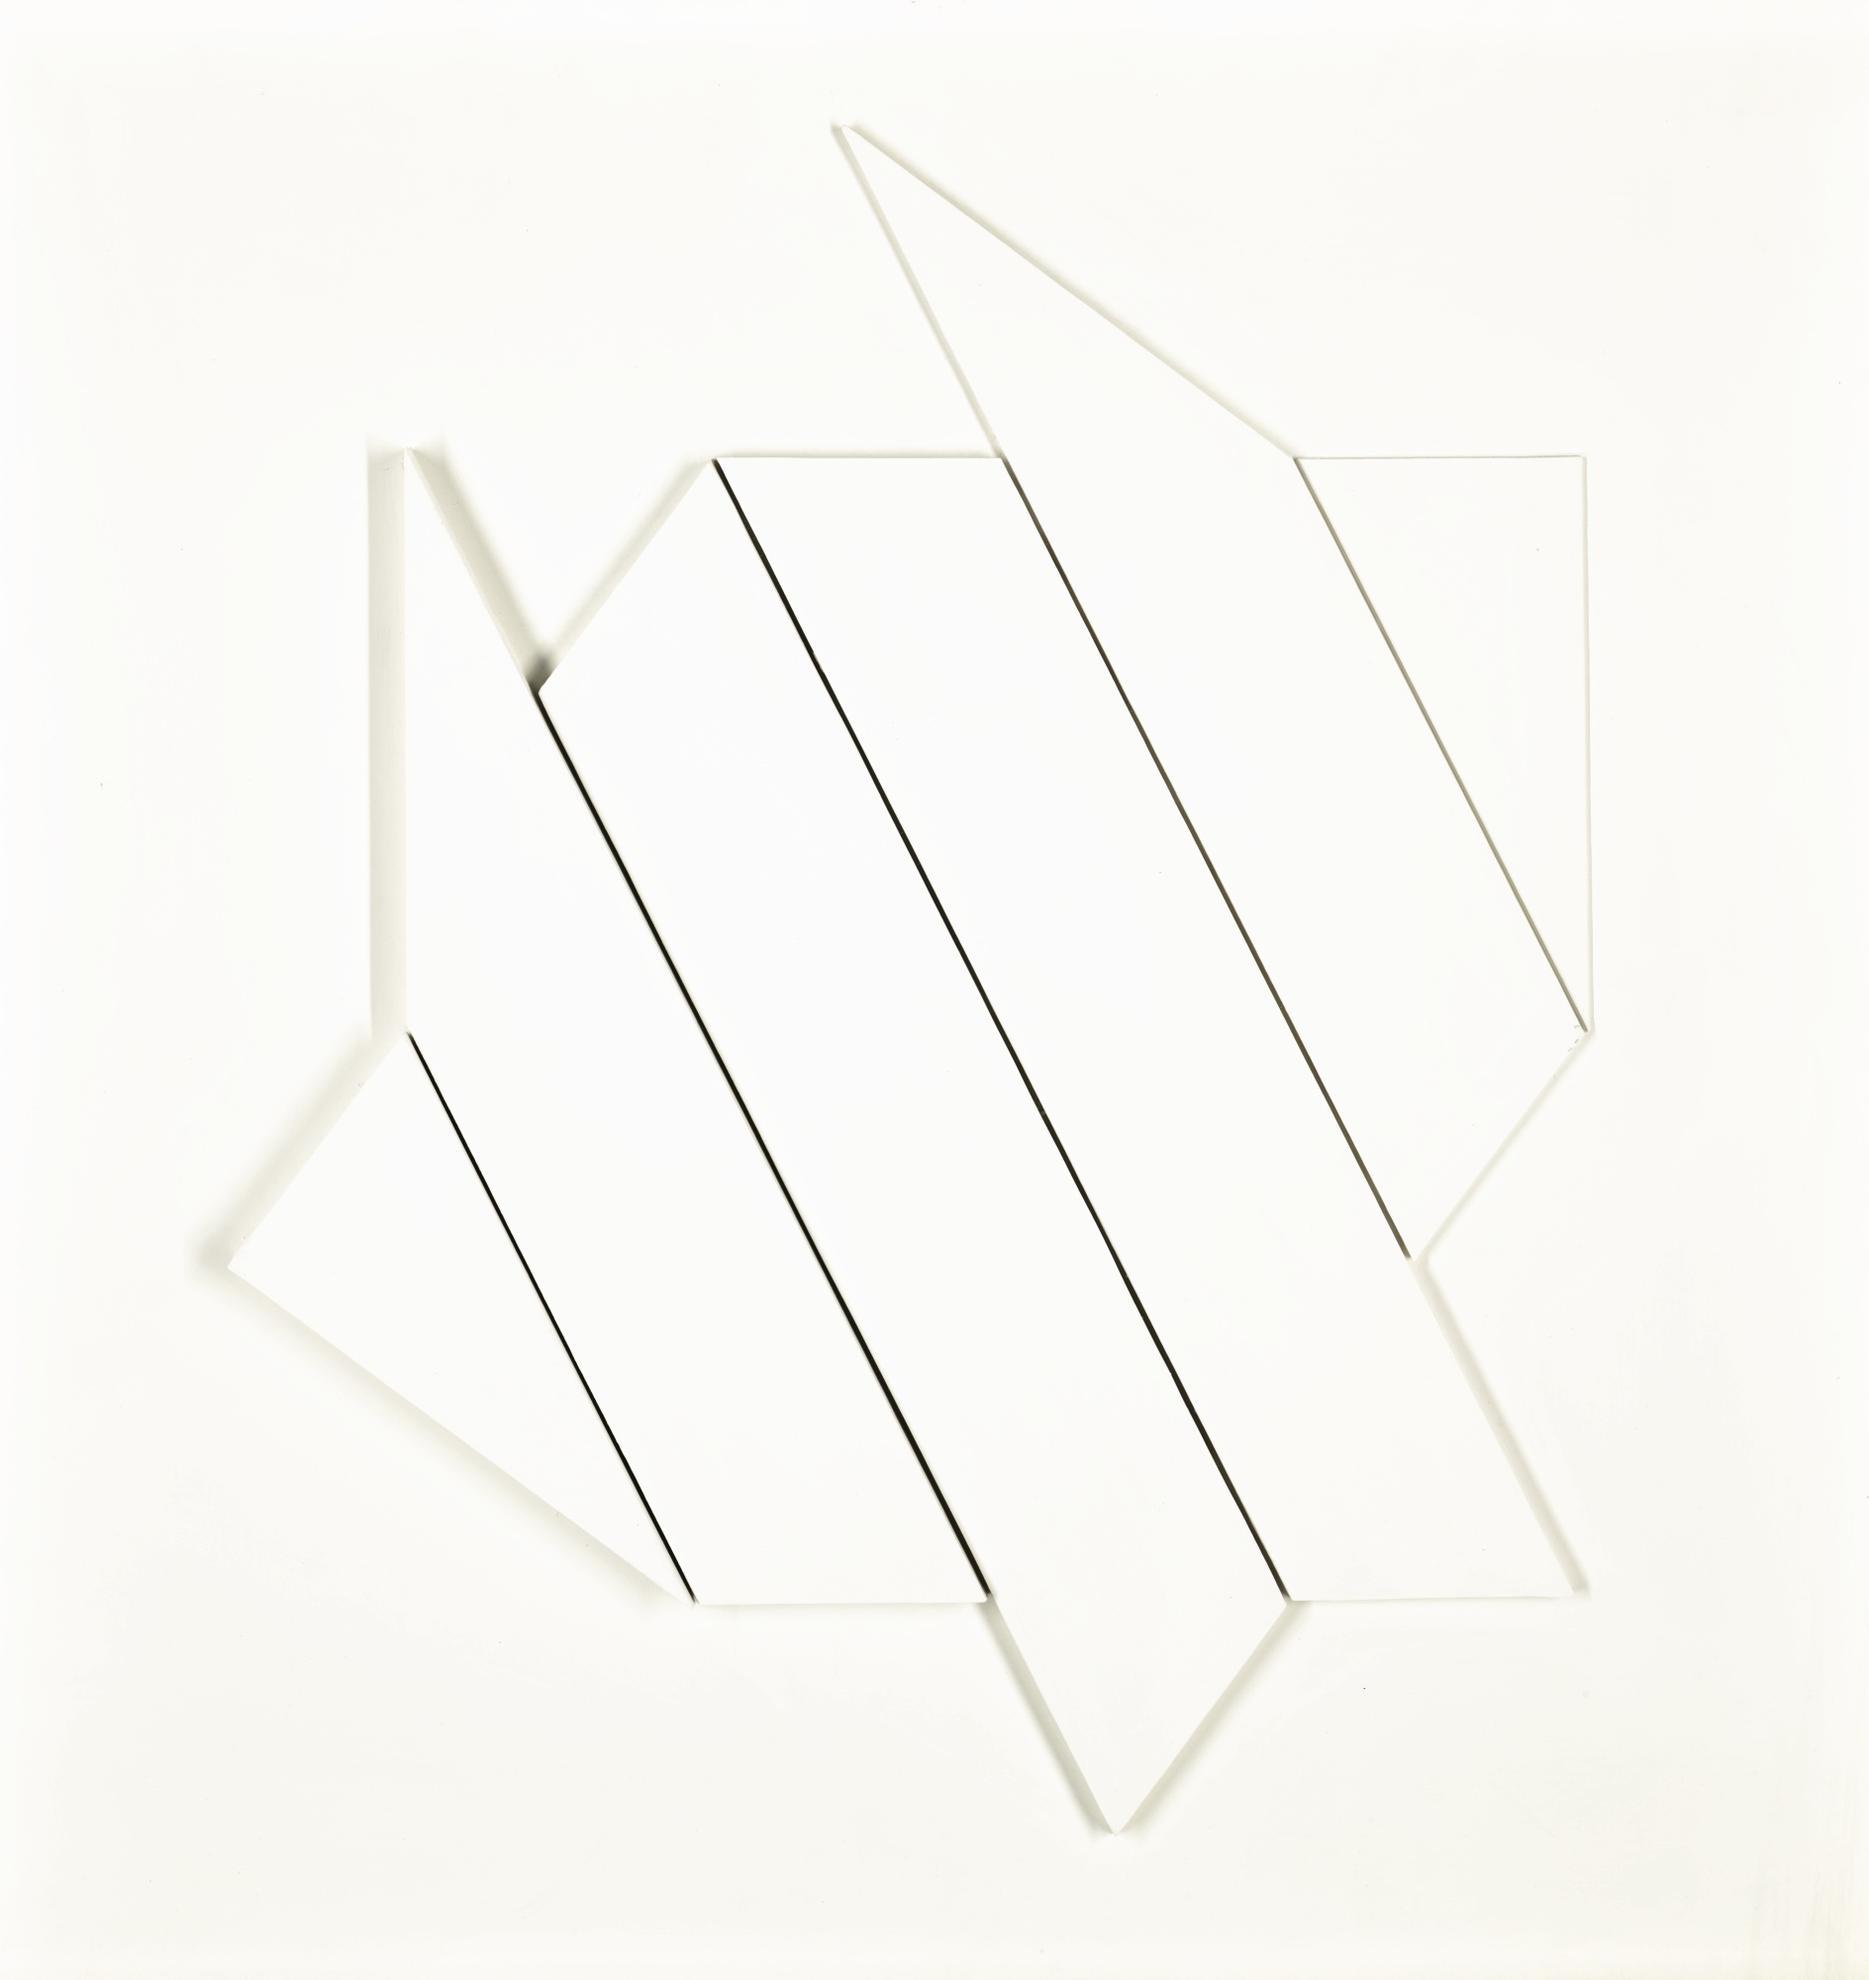 Michael Canney - Oblique-